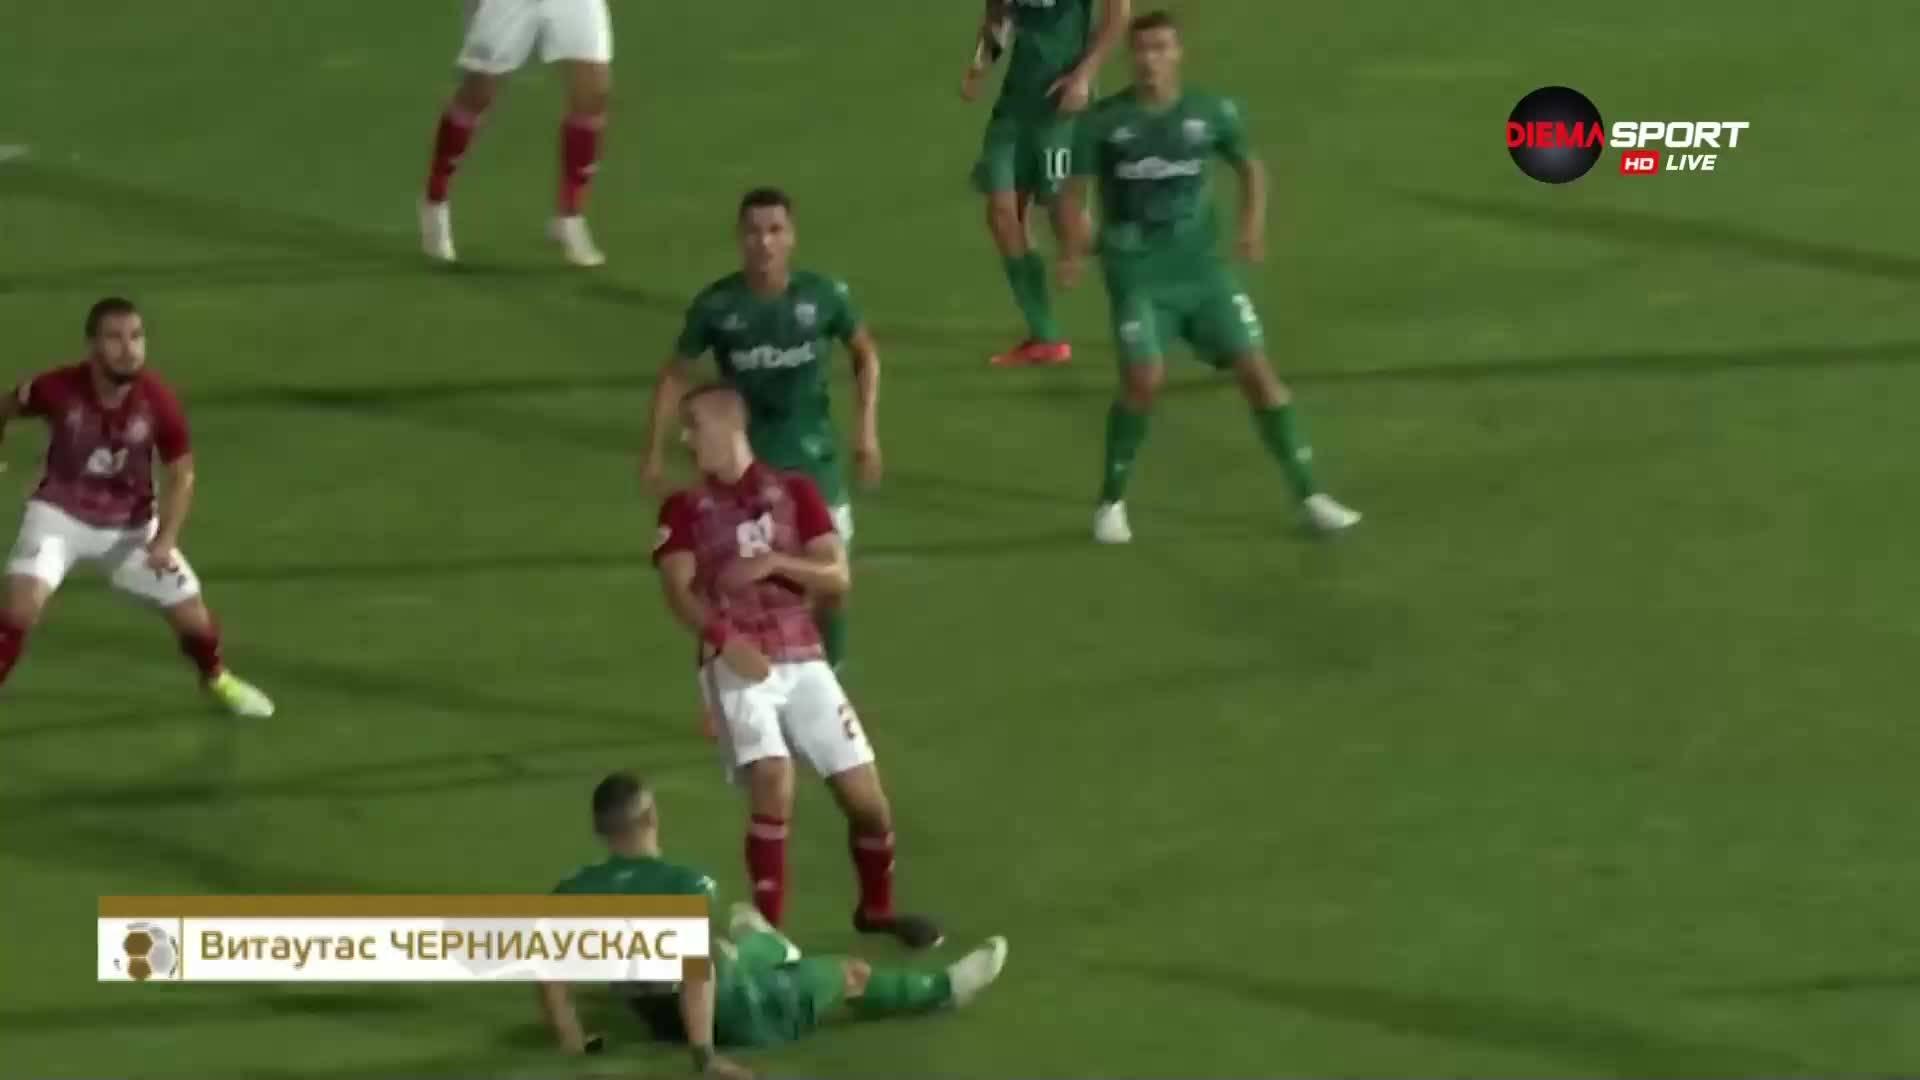 Спасяване на Витаутас Черниаускас от ЦСКА срещу Витоша